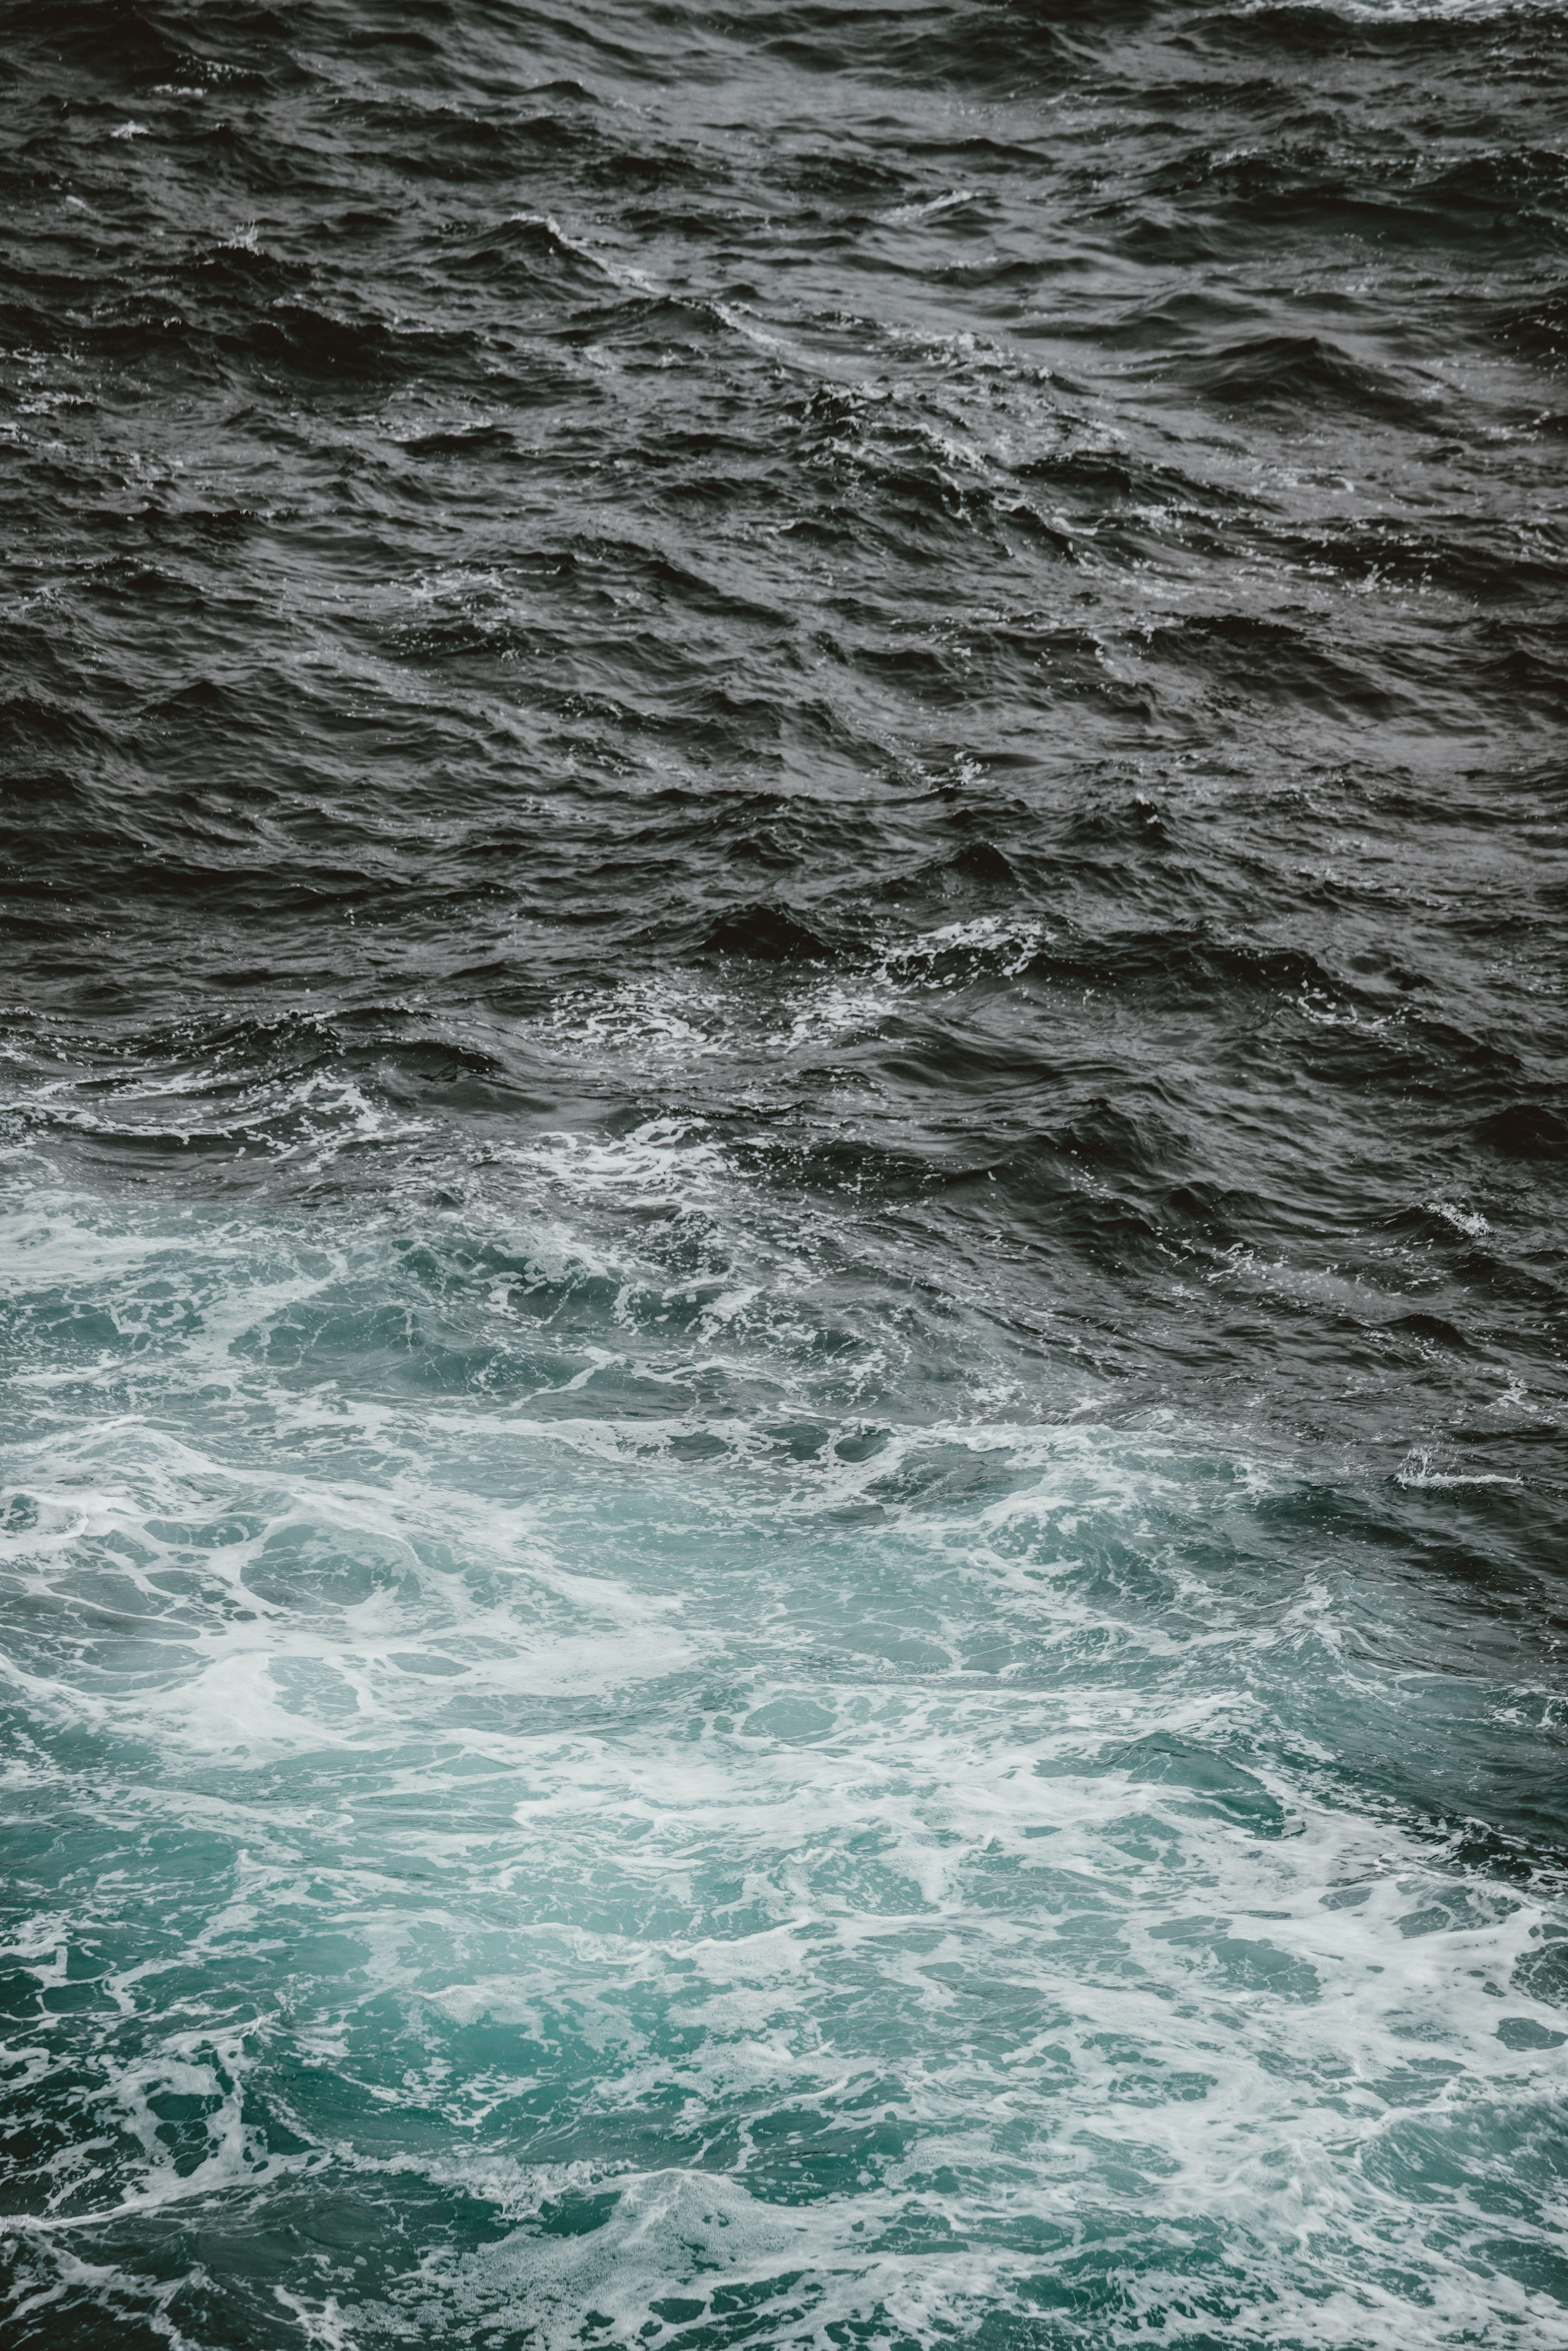 Sea Portrait Orientation Wallpaper Photo By Annie Spratt